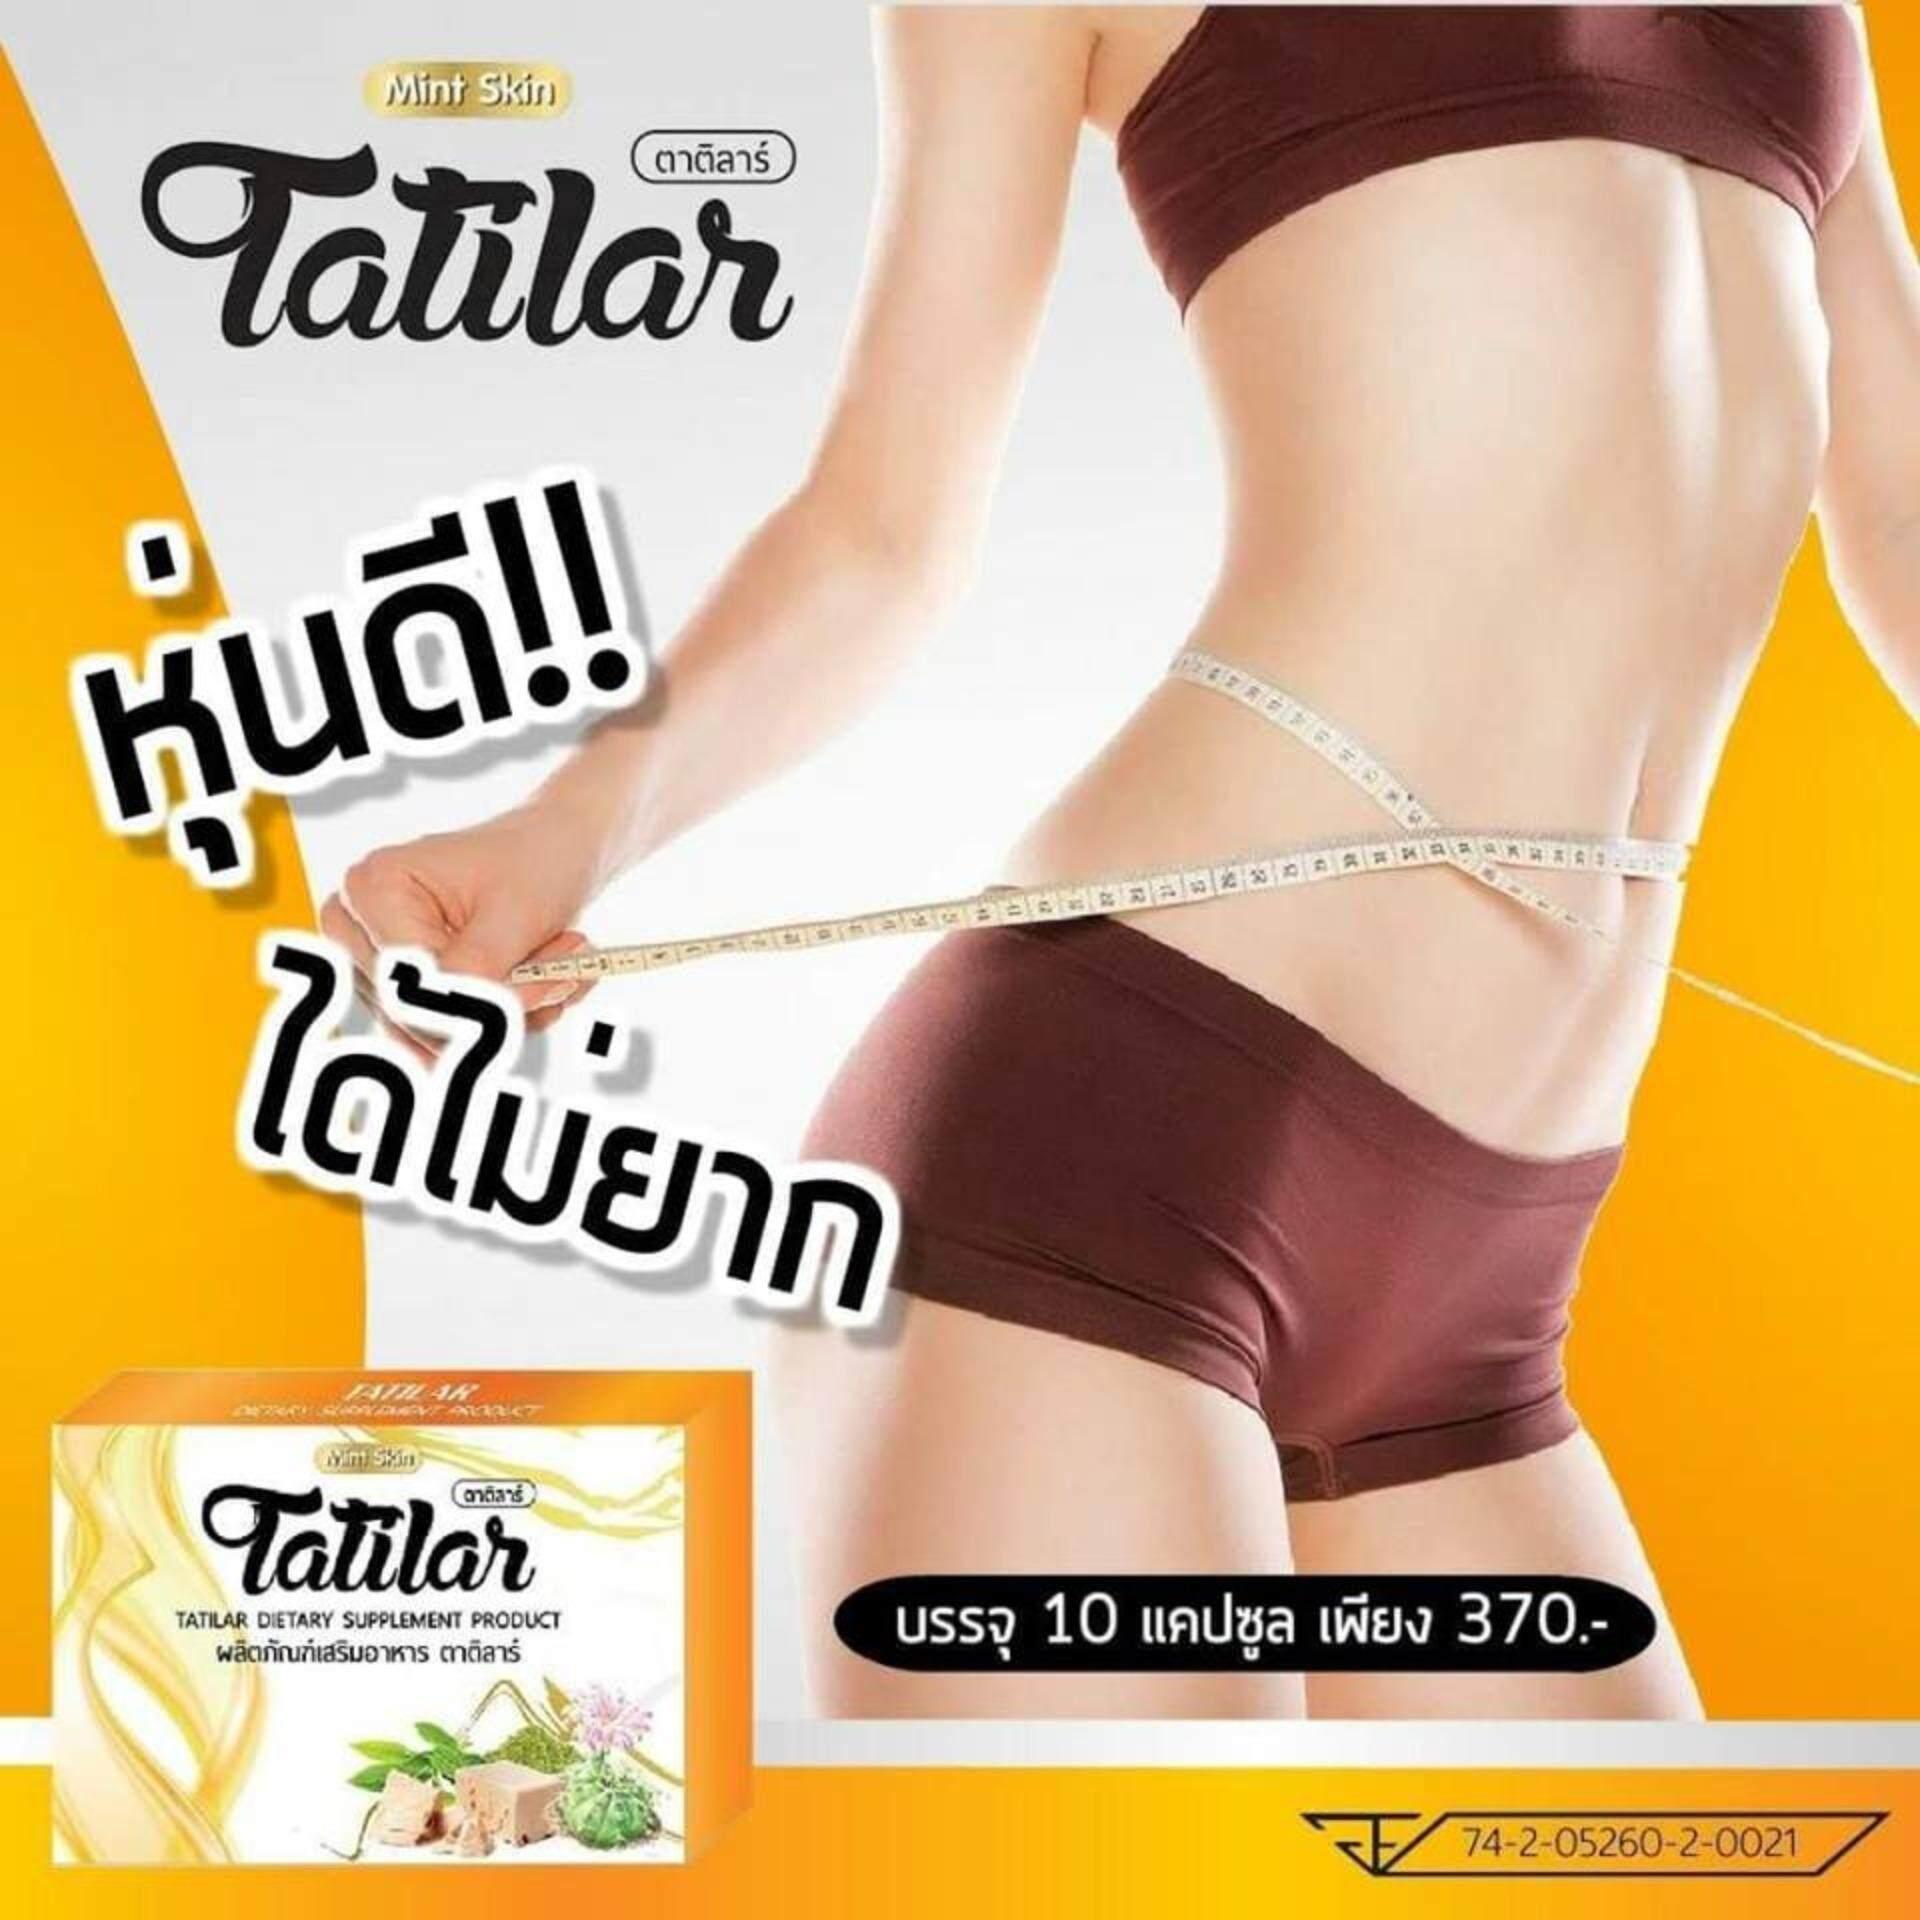 ตาติลาร์ Tatilar แพ็คเก็จใหม่ คิวQ อาหารเสริมลดน้ำหนักสำหรับคนดื้อยา ( 1 กล่อง)